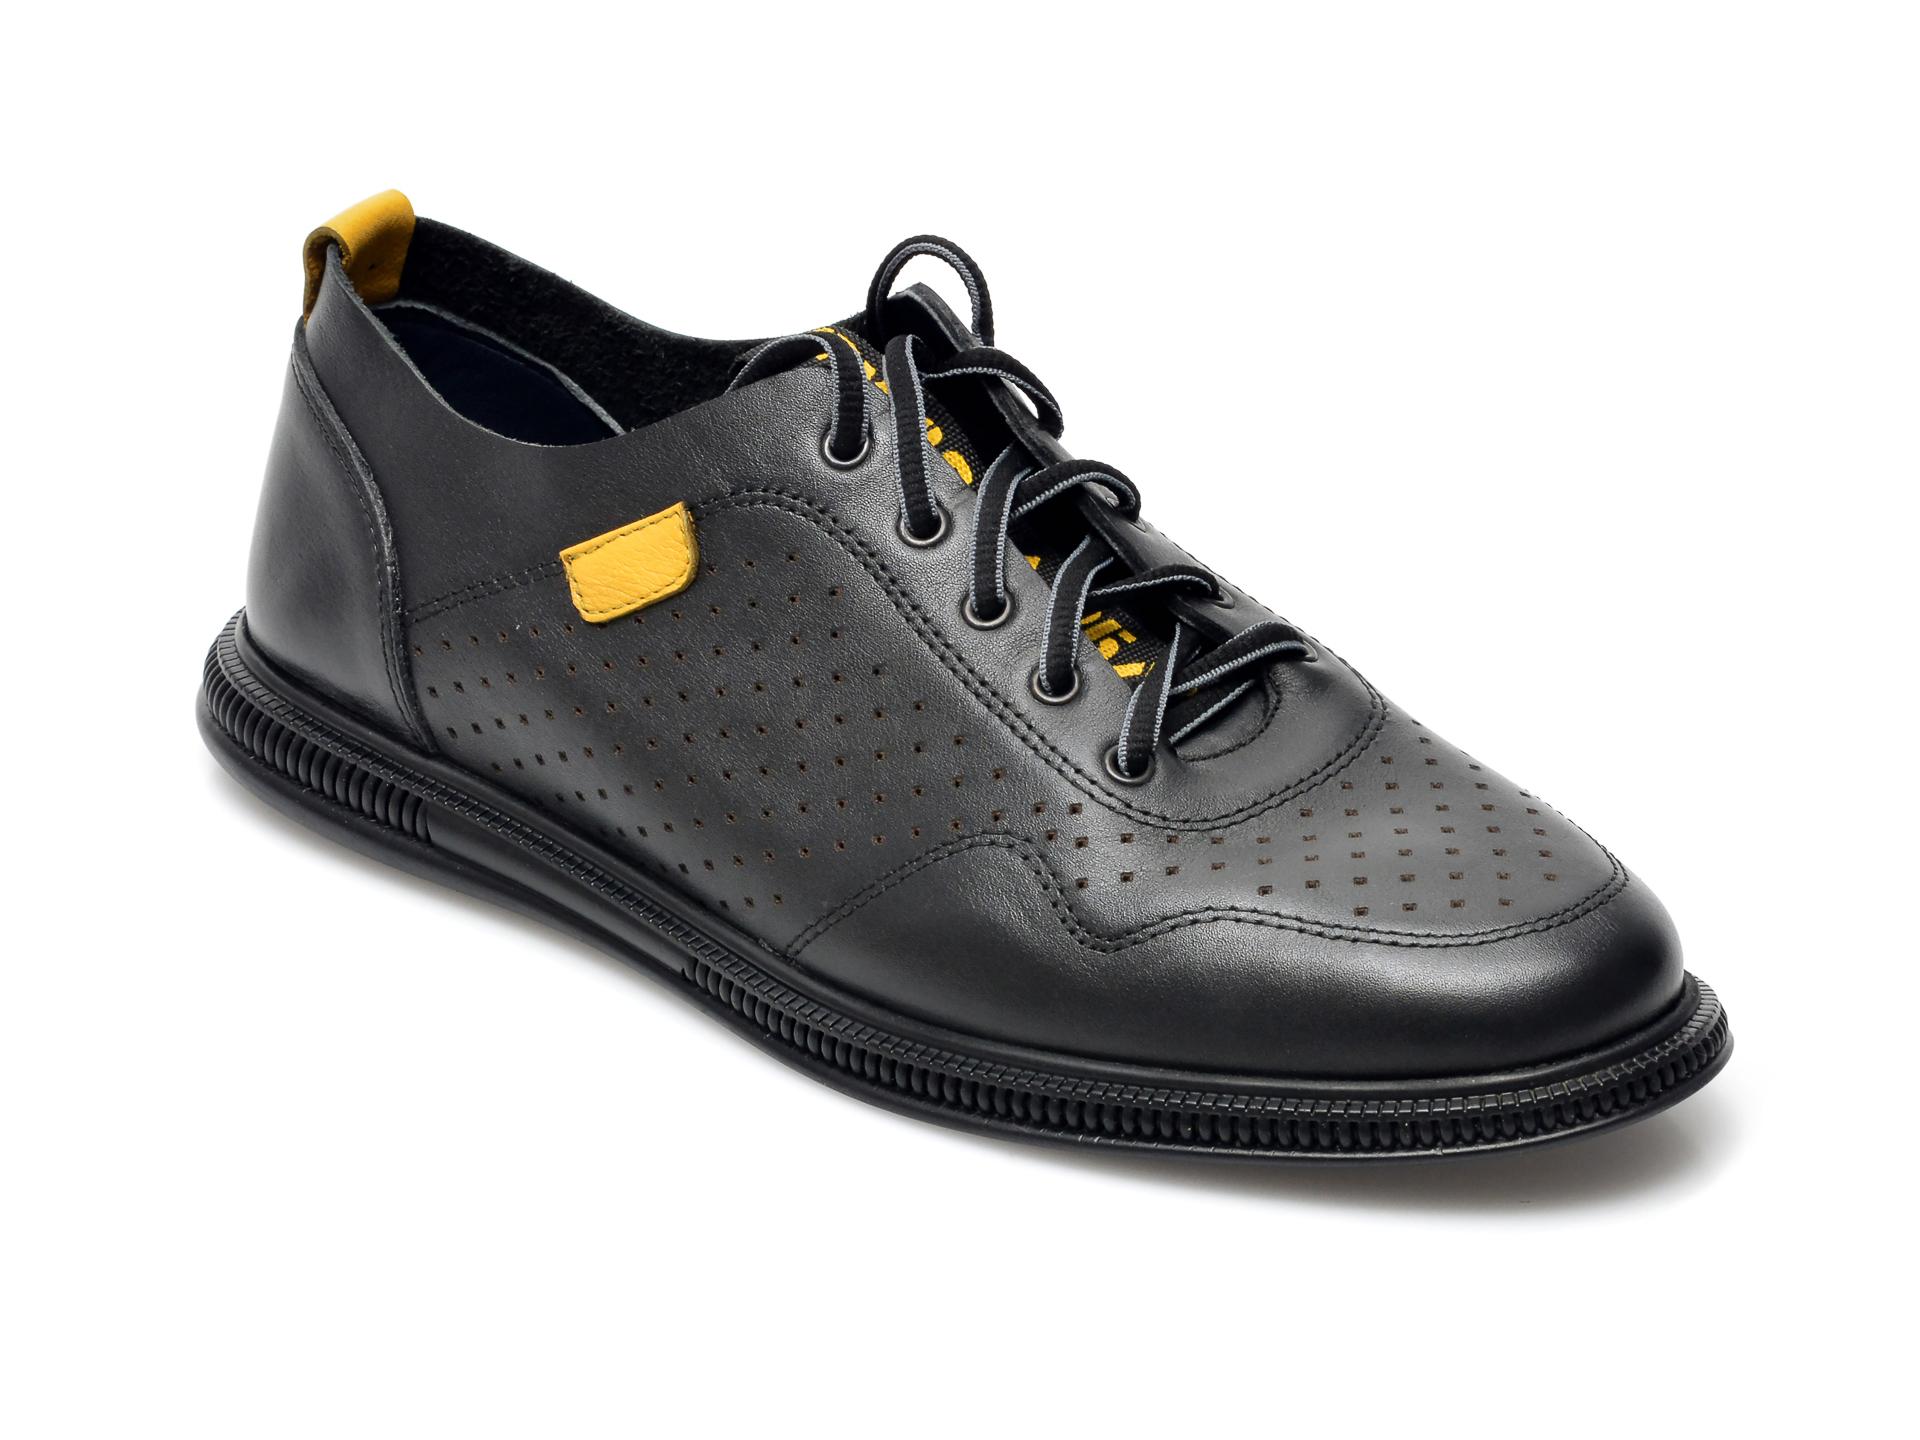 Pantofi OTTER negri, 925, din piele naturala imagine otter.ro 2021